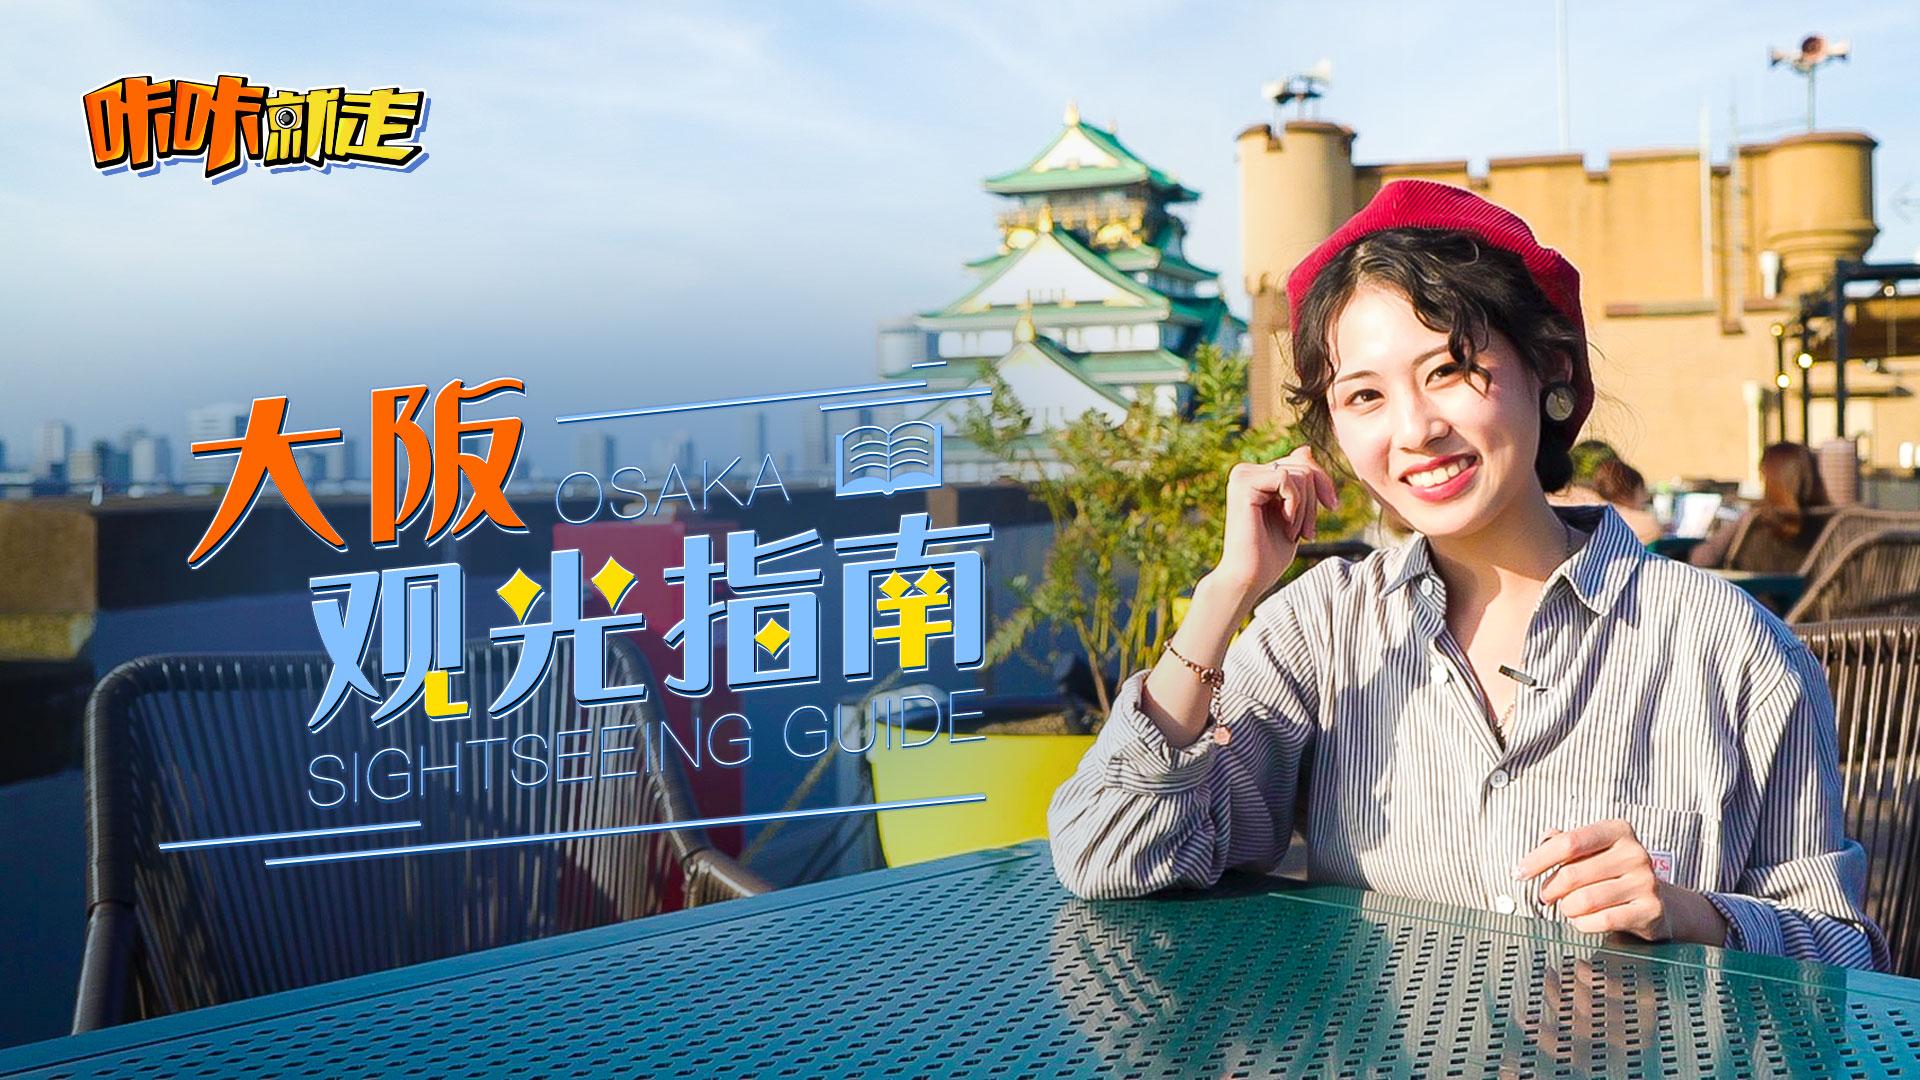 大阪观光指南!让你玩到嗨